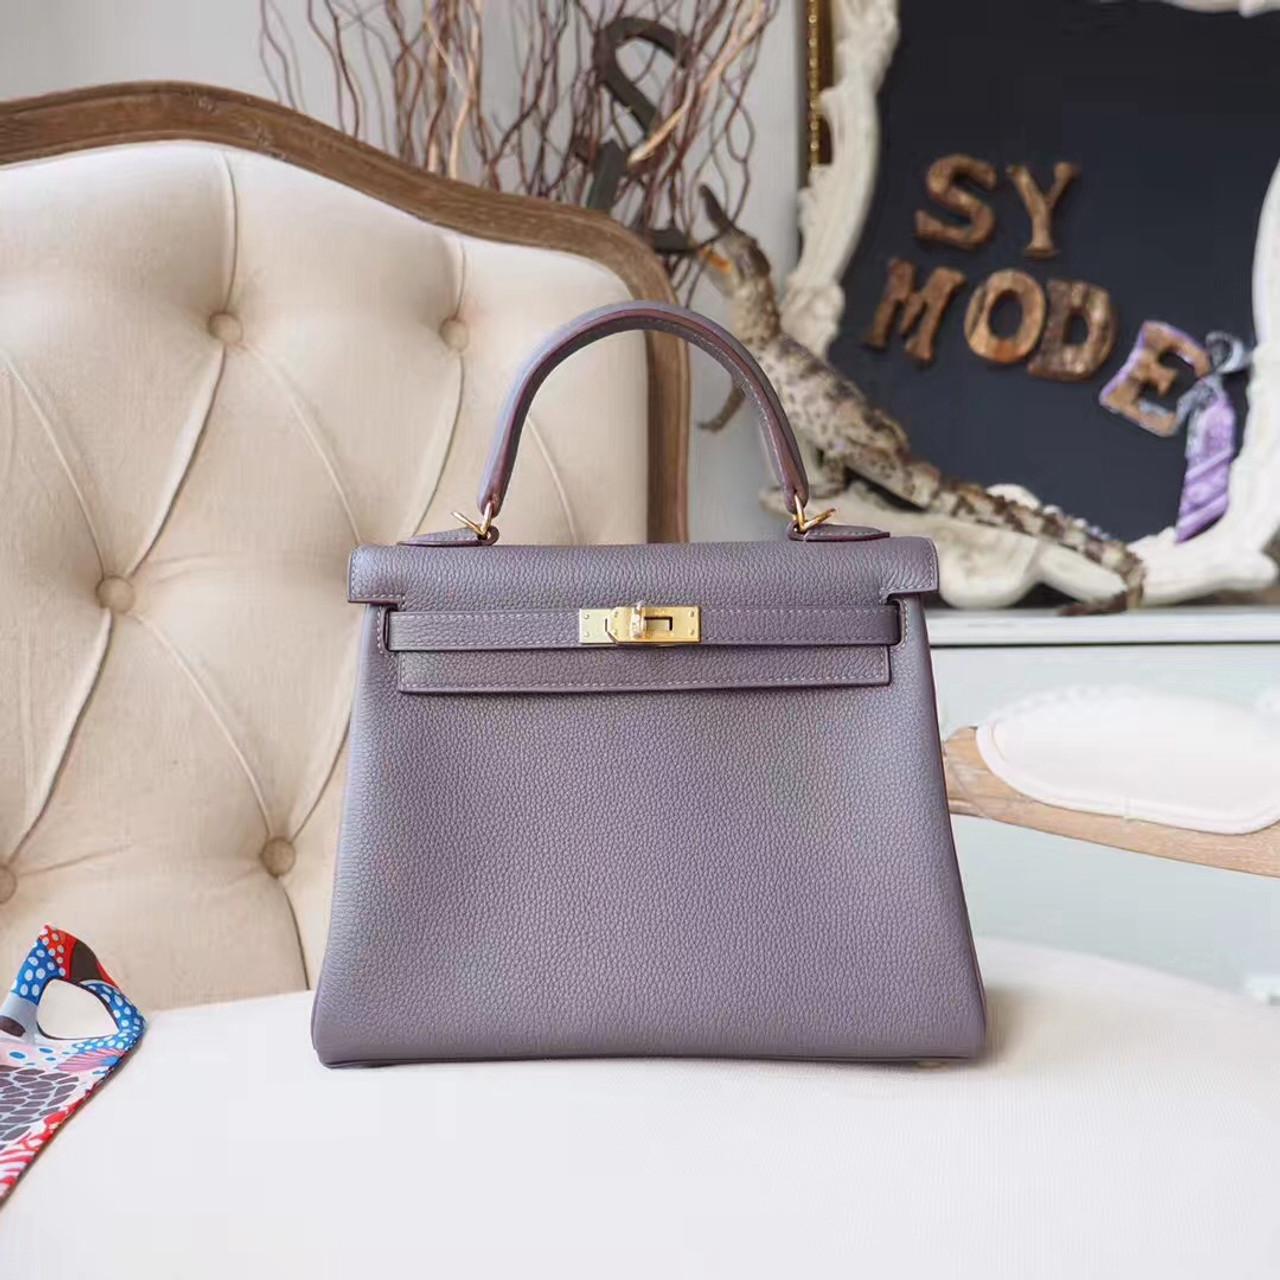 15bb214b2073 Hermes Kelly 25cm Bag Togo Calfskin Leather Gold Hardware